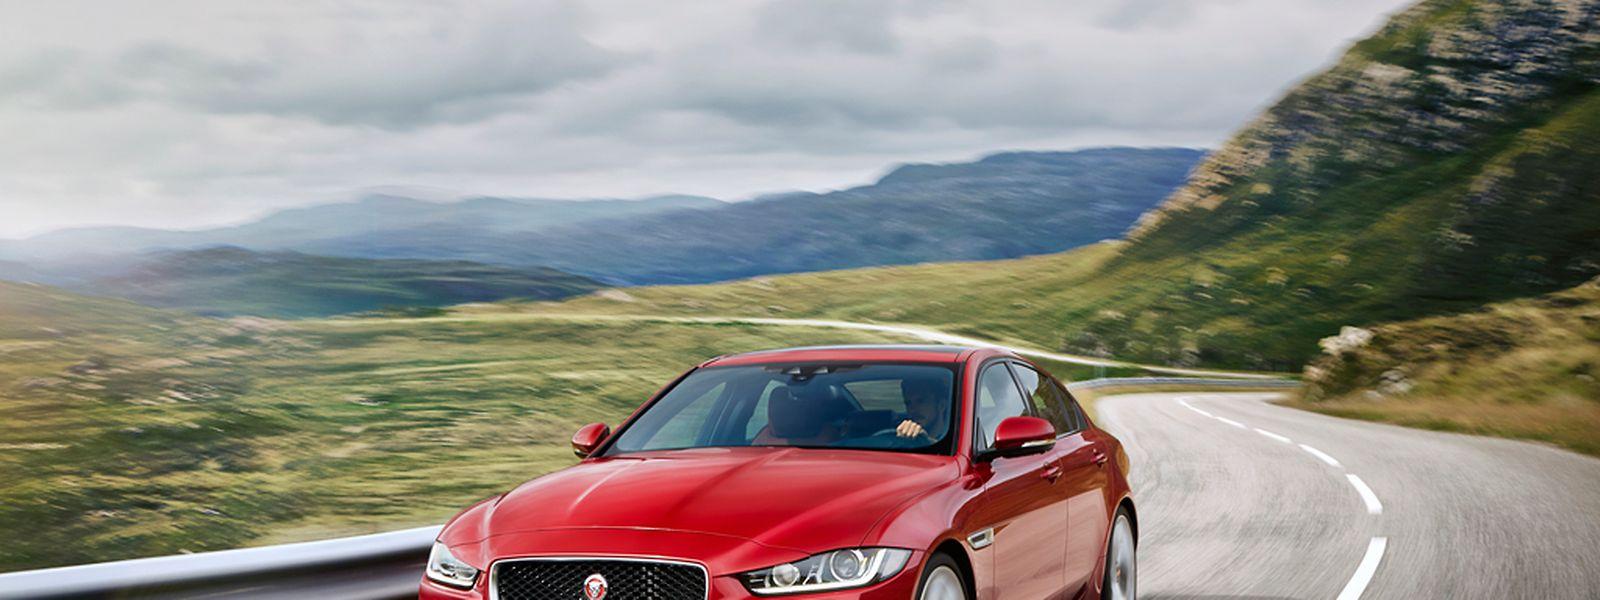 Der Jaguar XE reiht sich technisch und qualitativ auf Augenhöhe mit der deutschen Premium-Konkurrenz ein.